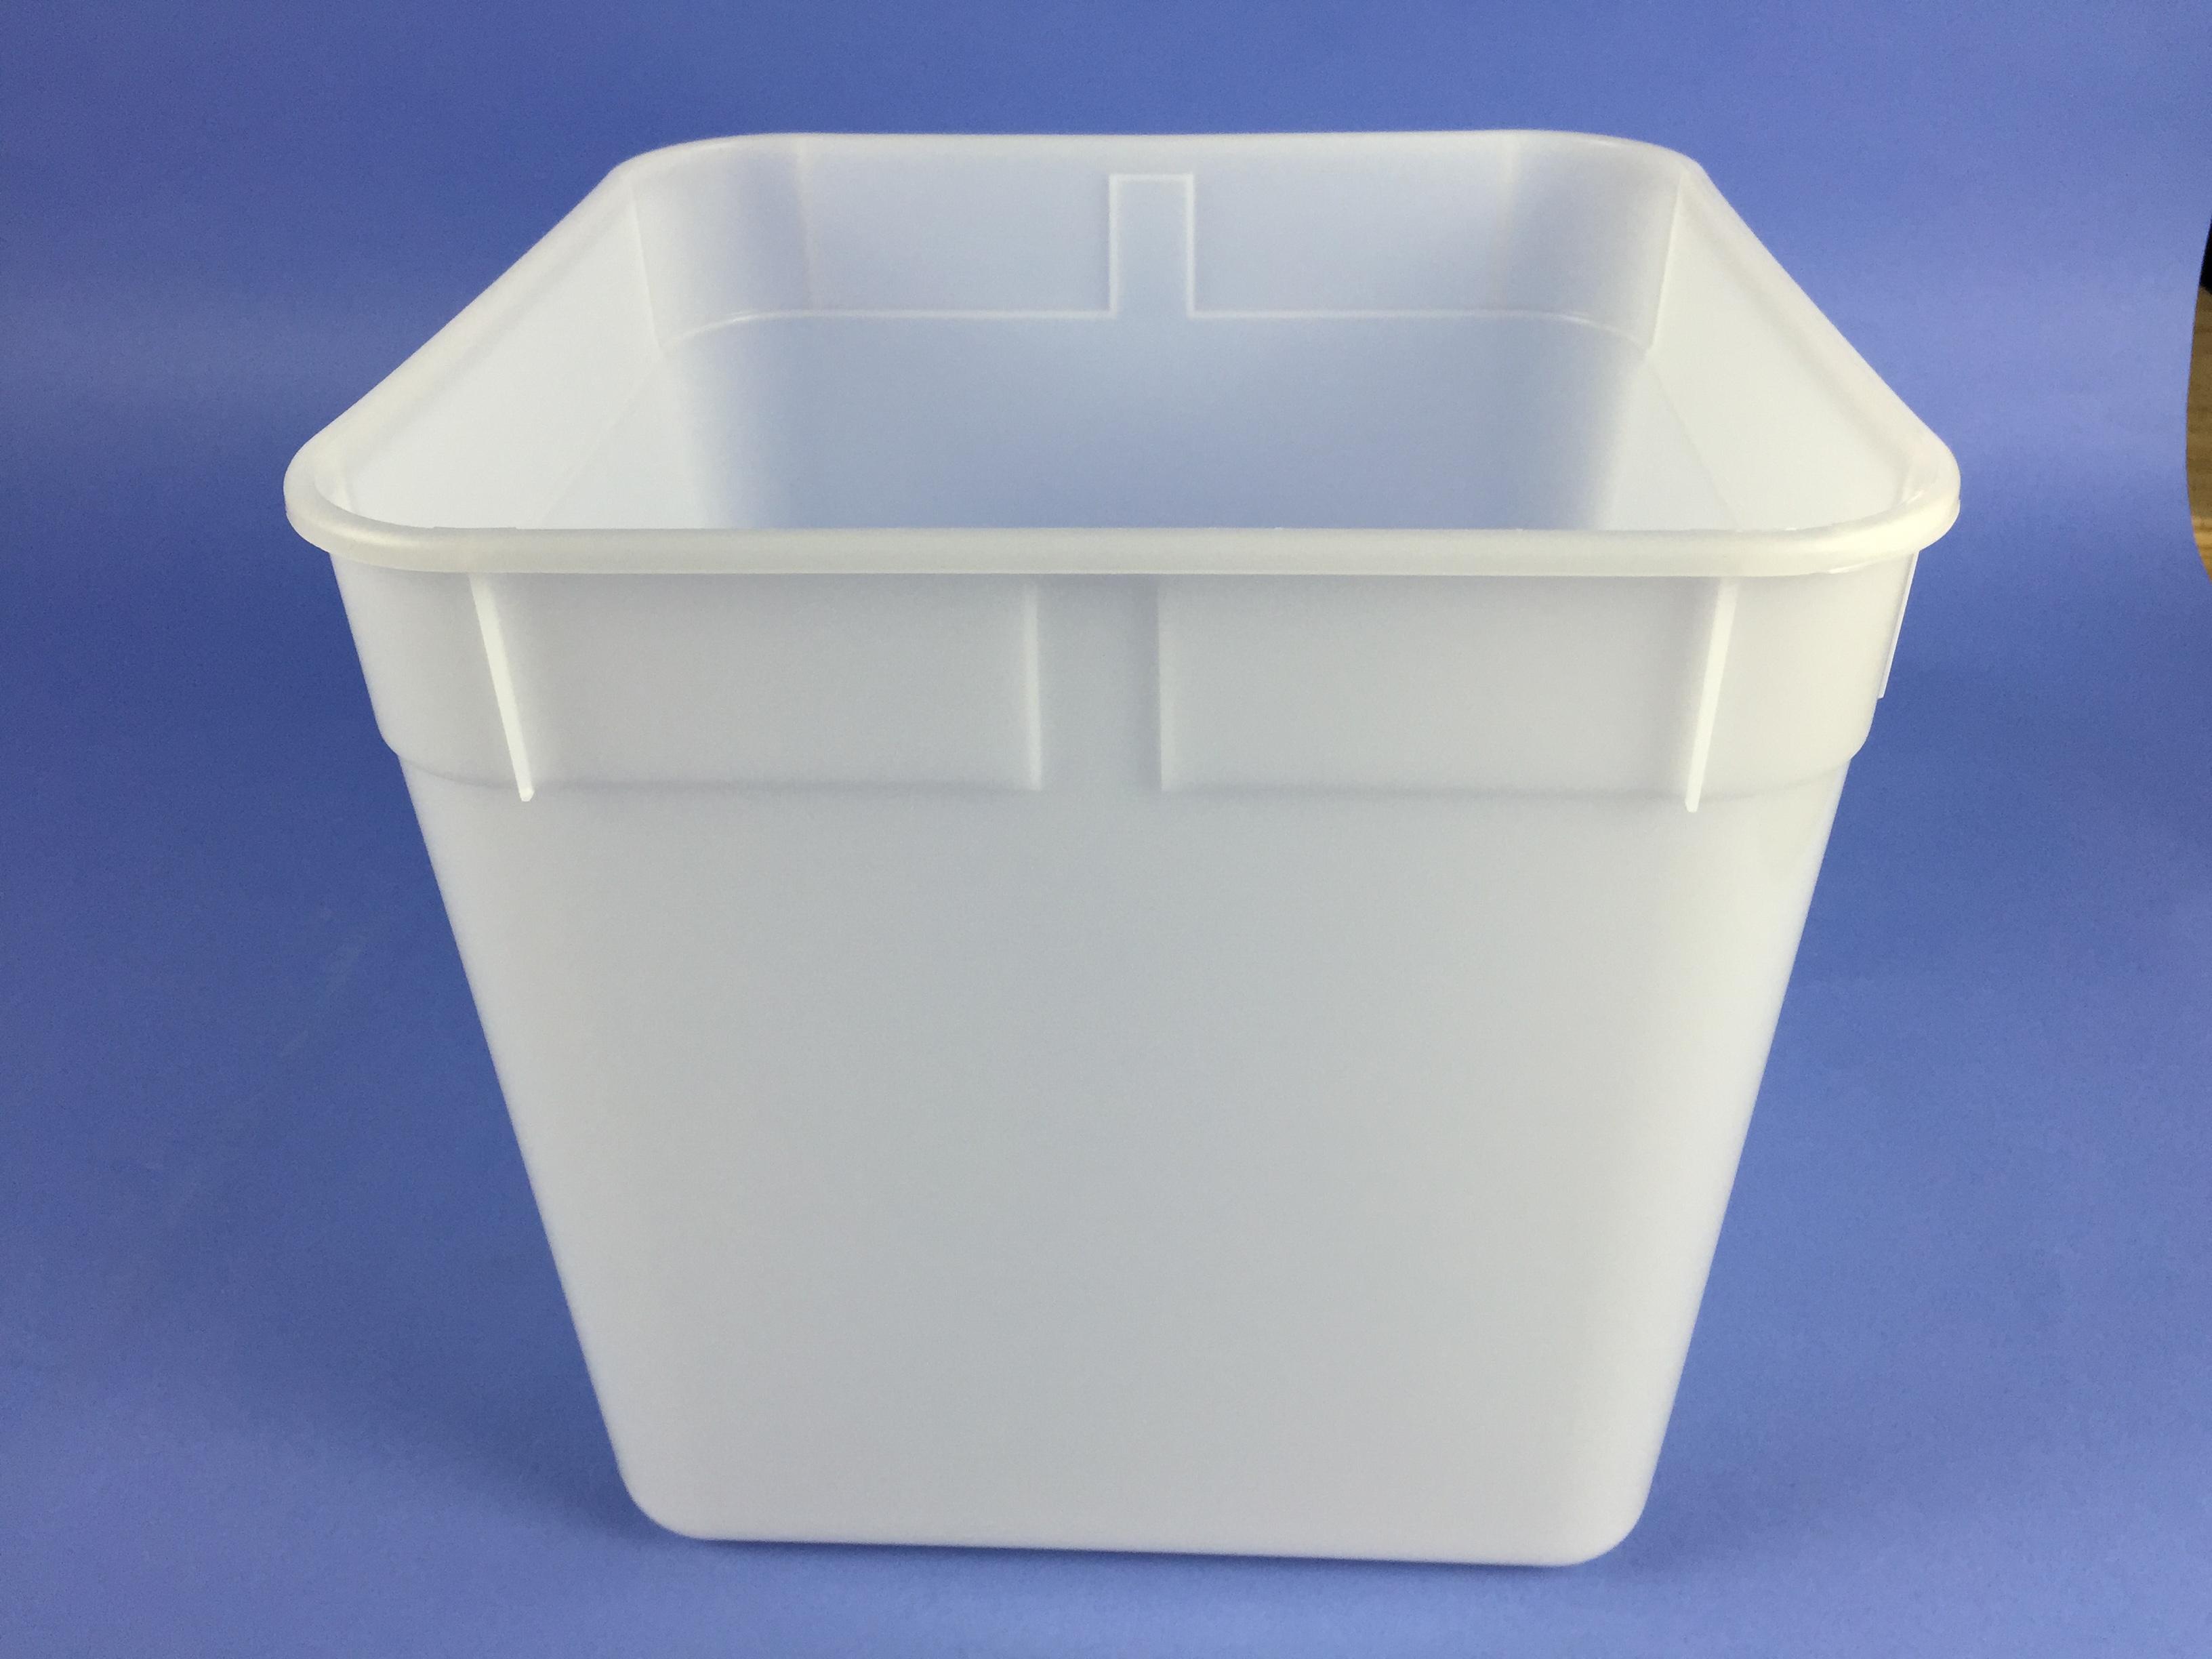 PC10SQ - 10 Litre Square Ice cream Container - Bristol Plastics & Containers - Plastic Bottles